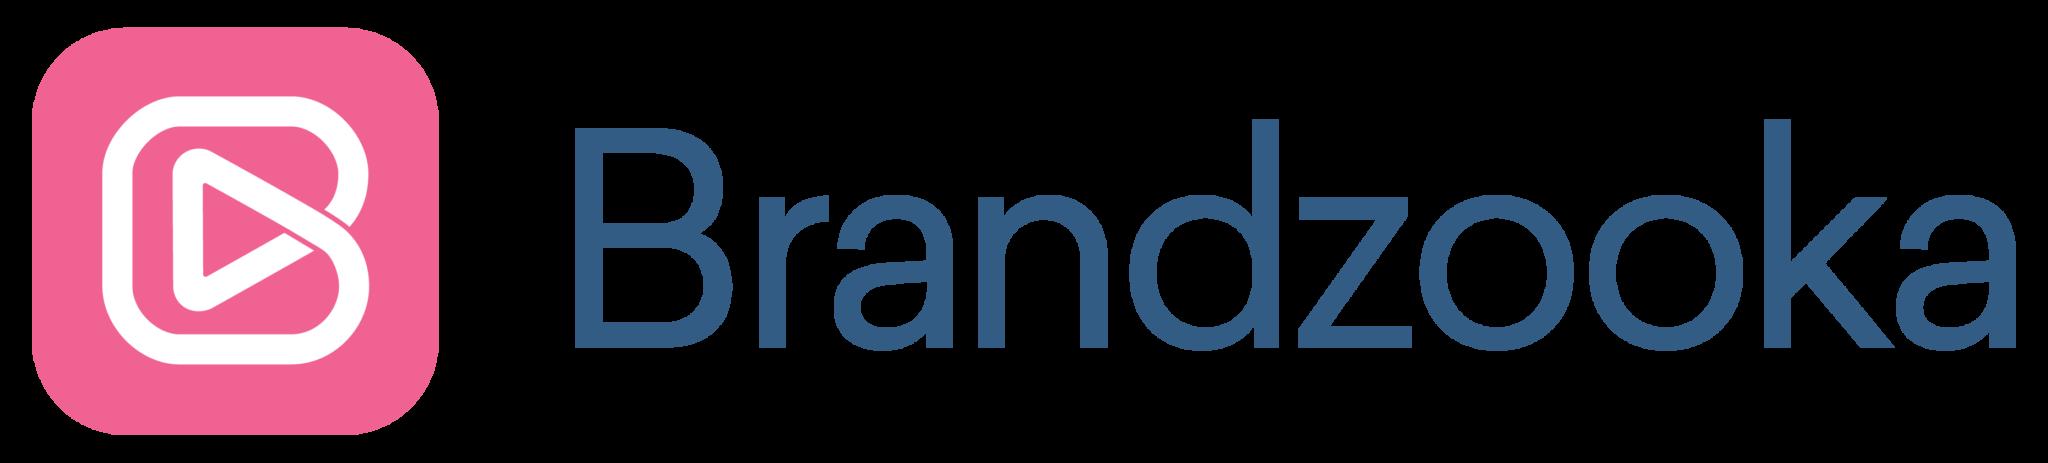 Brandzooka_Track